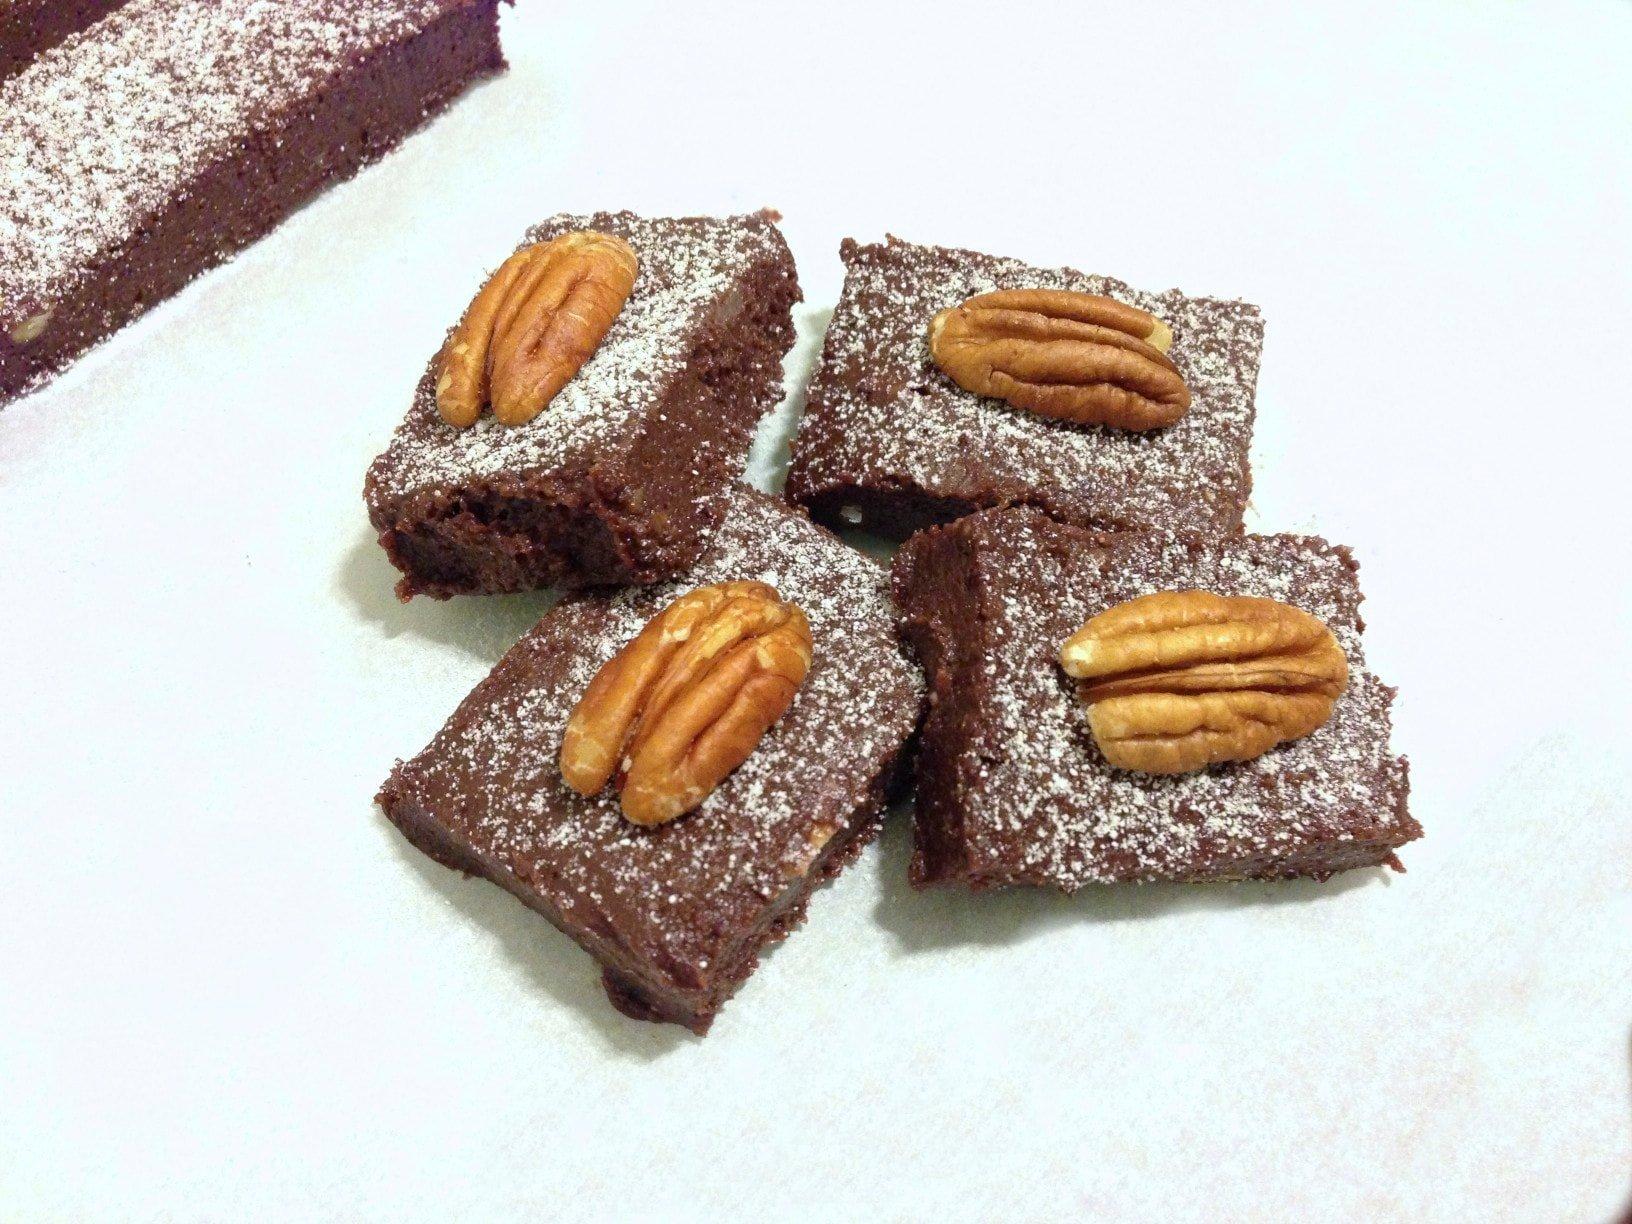 paleo Chocolate Cherry fudge bars